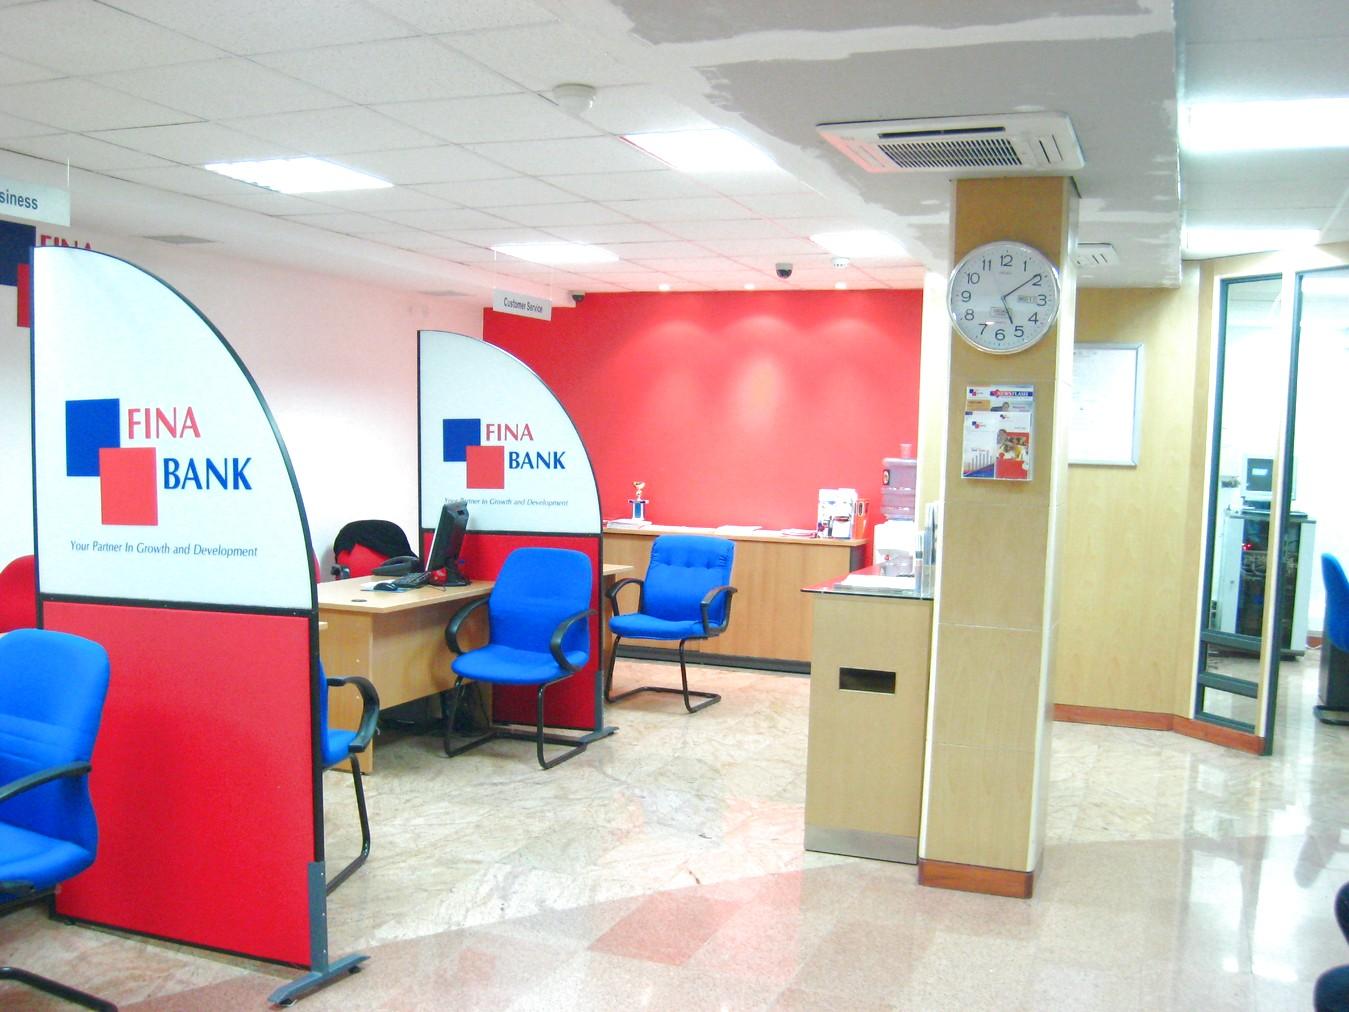 Fina Bank Apic Center